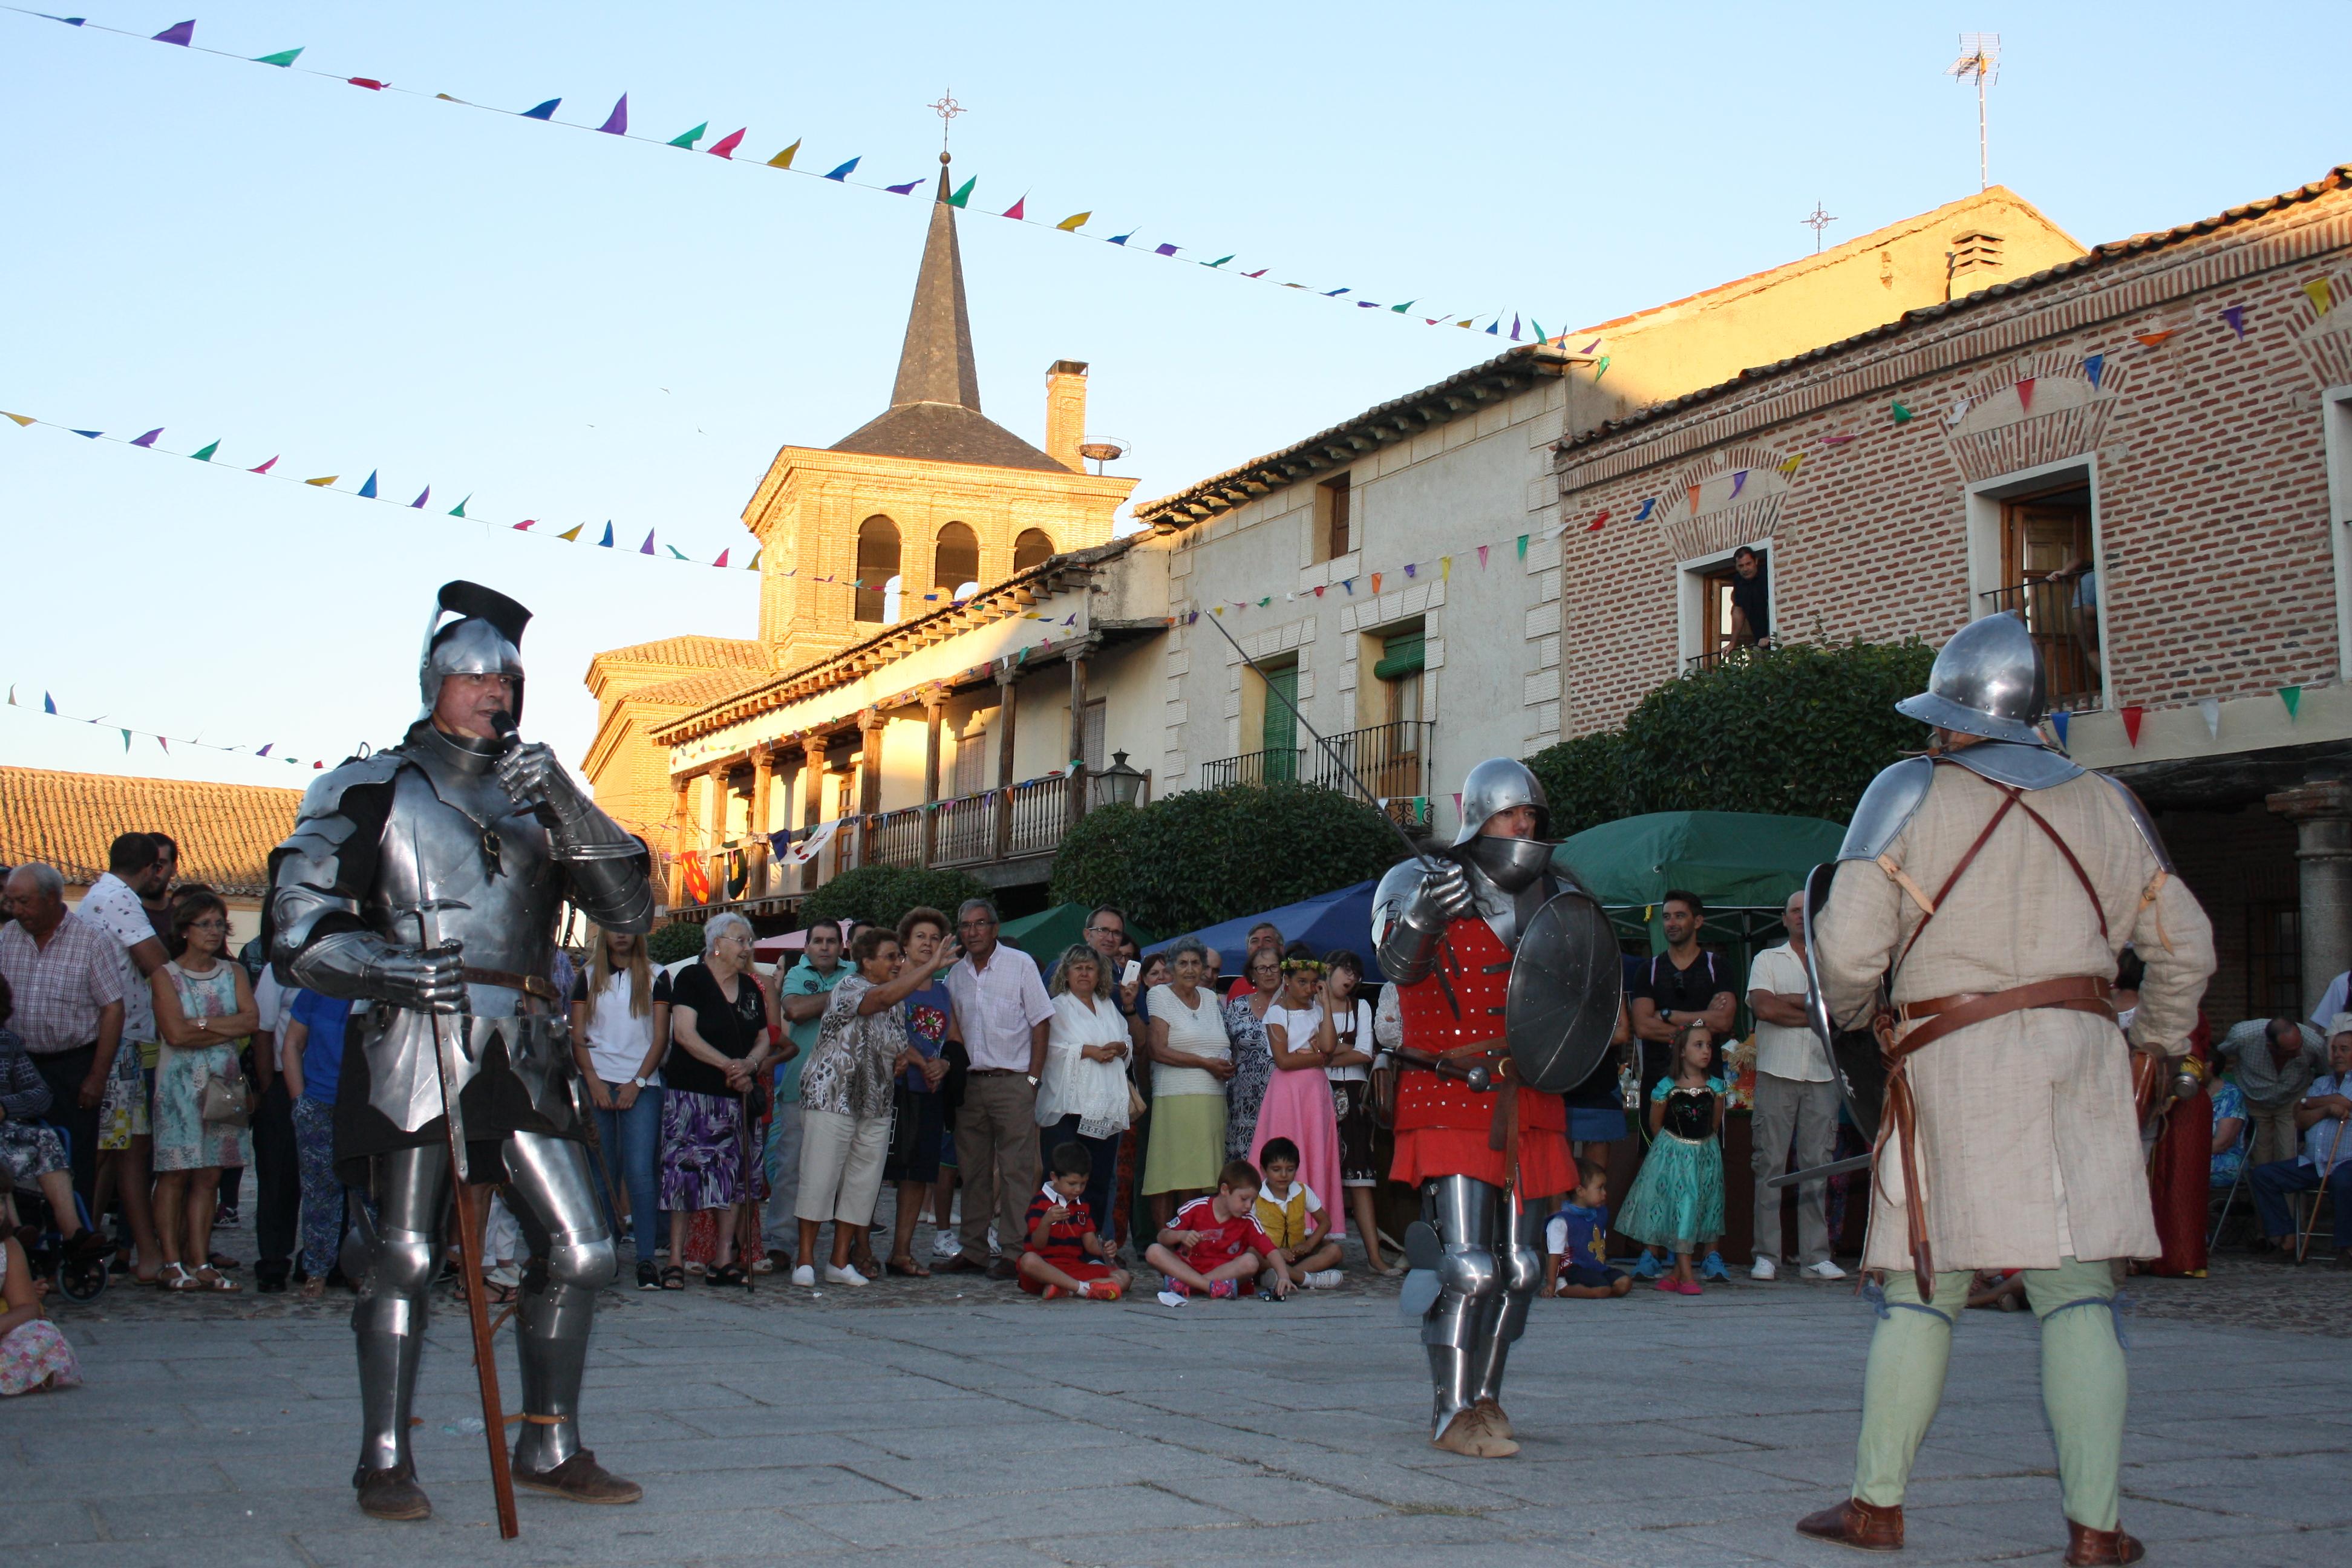 VI Mercado renacentista de Martín Muñoz de las Posadas Kxoavx